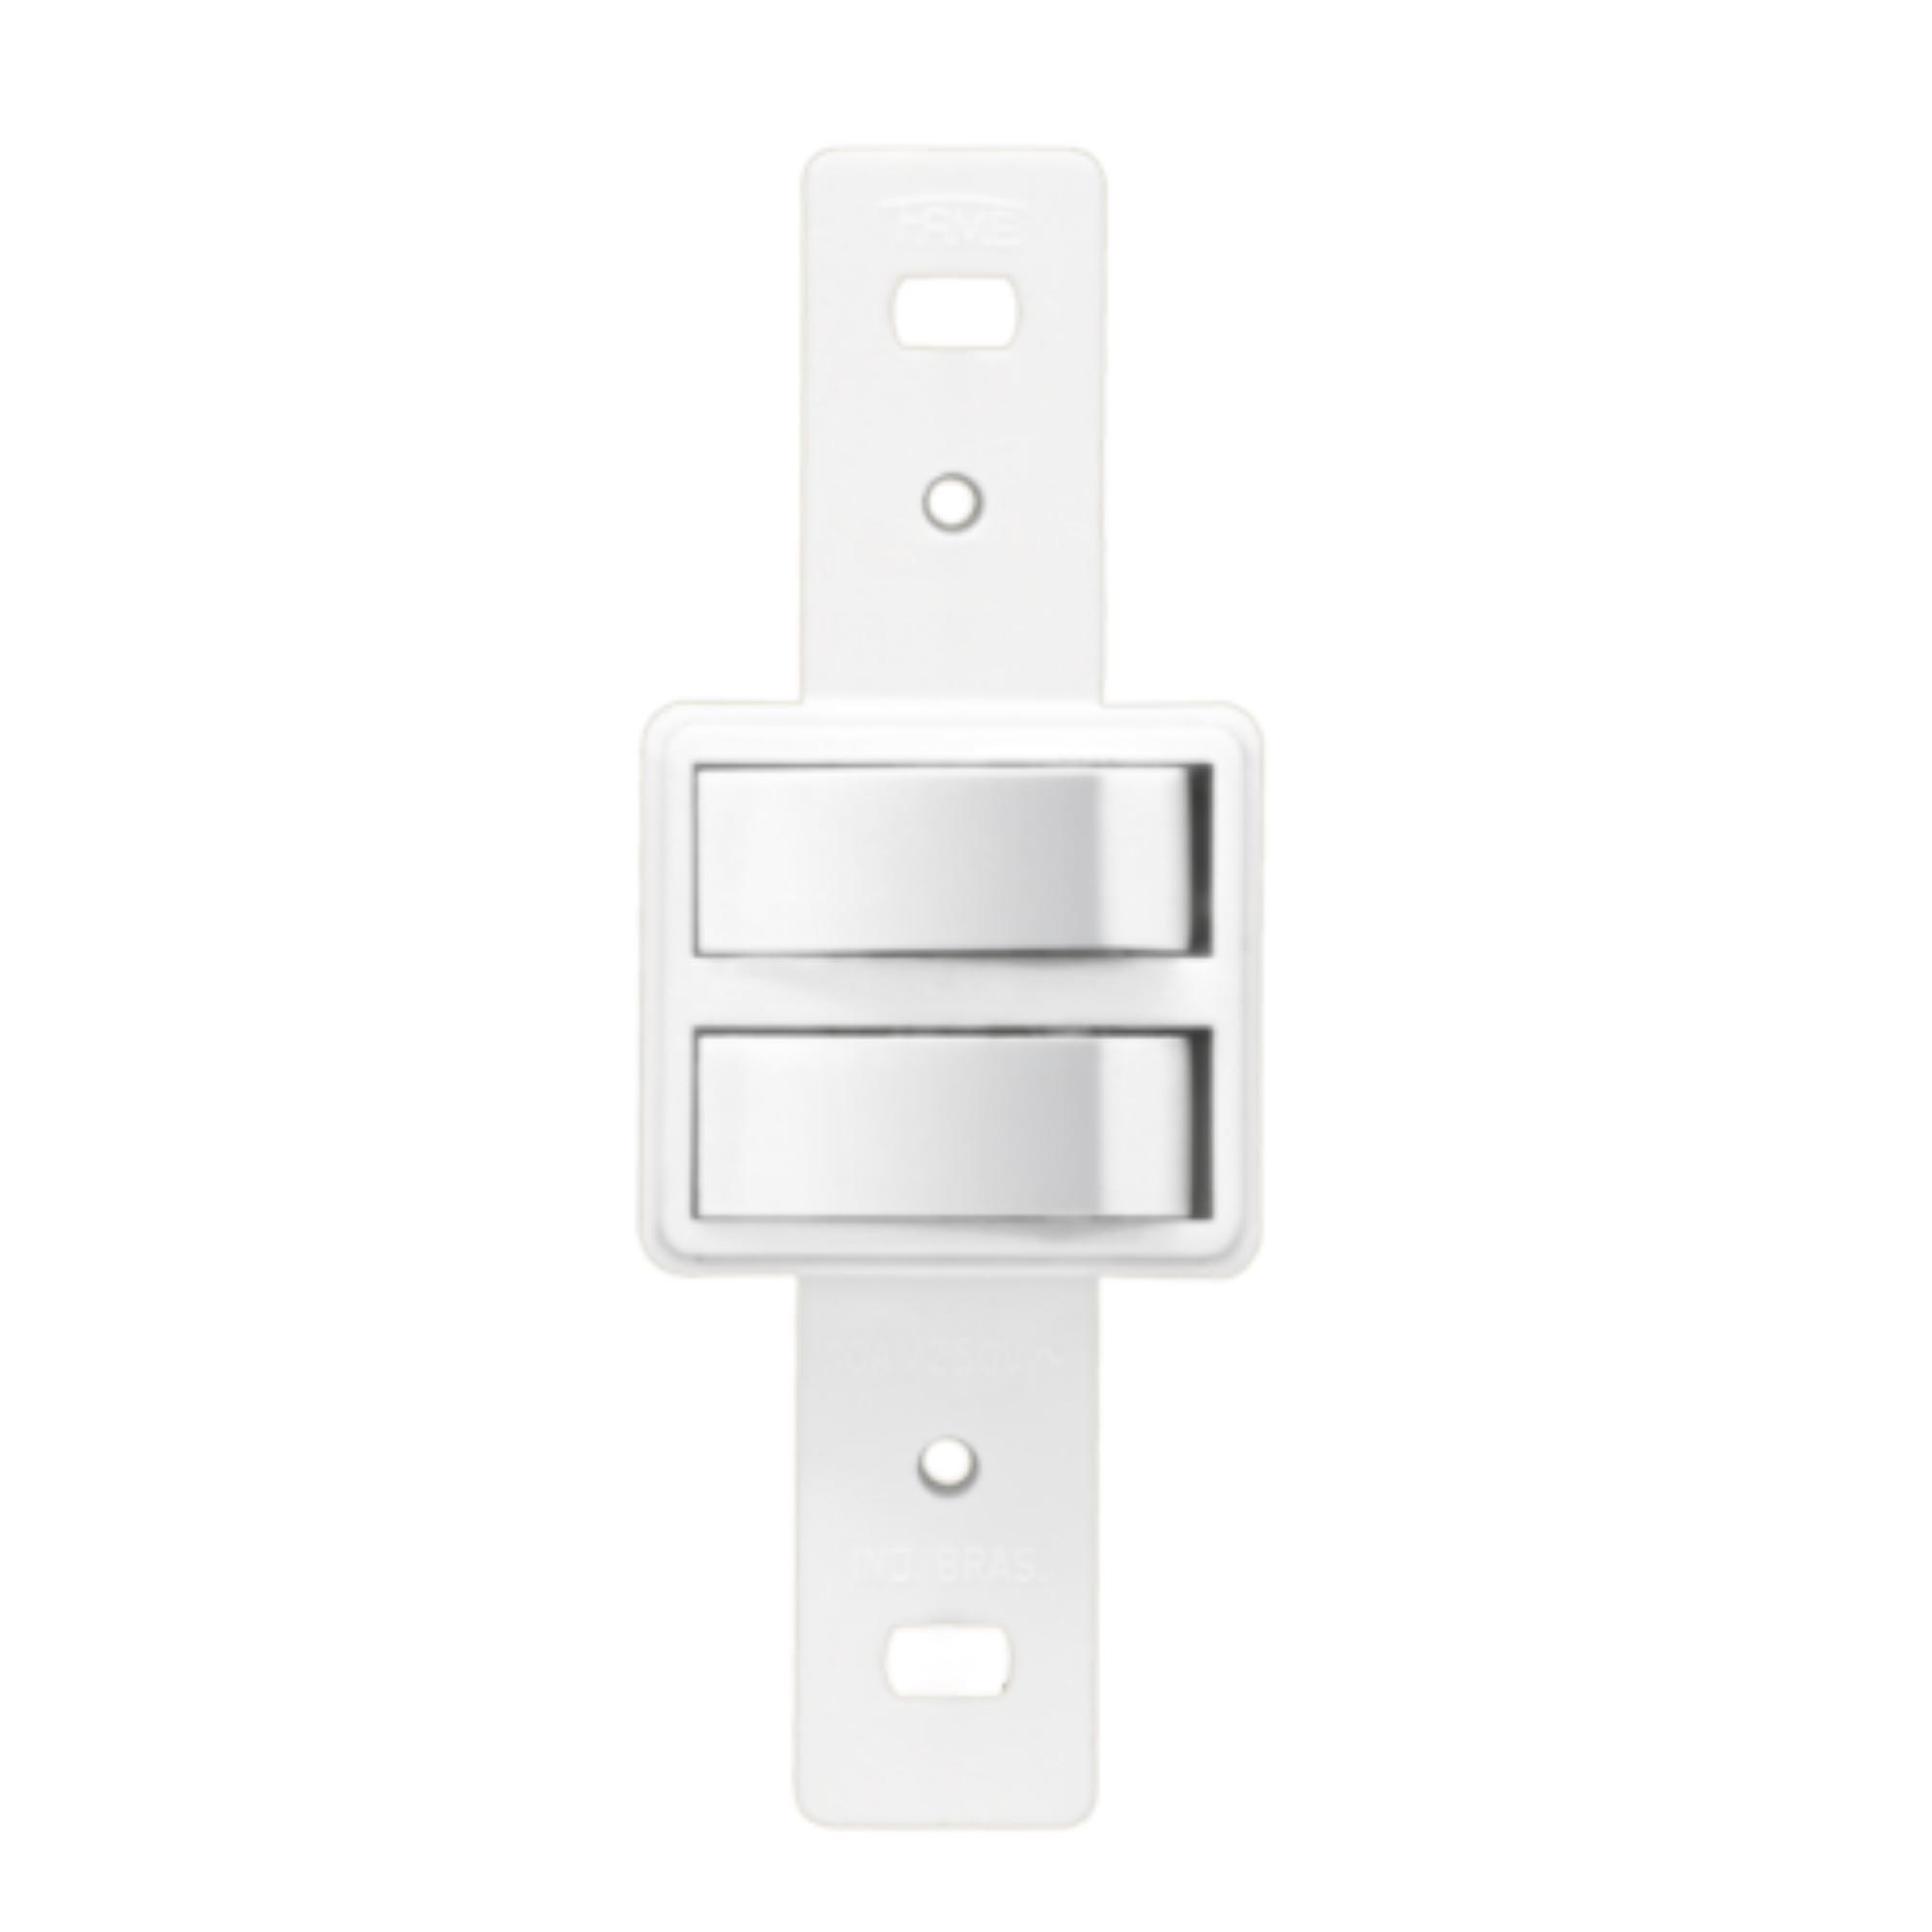 Blanc 2 Seções de Interruptor Simples Sem Placa